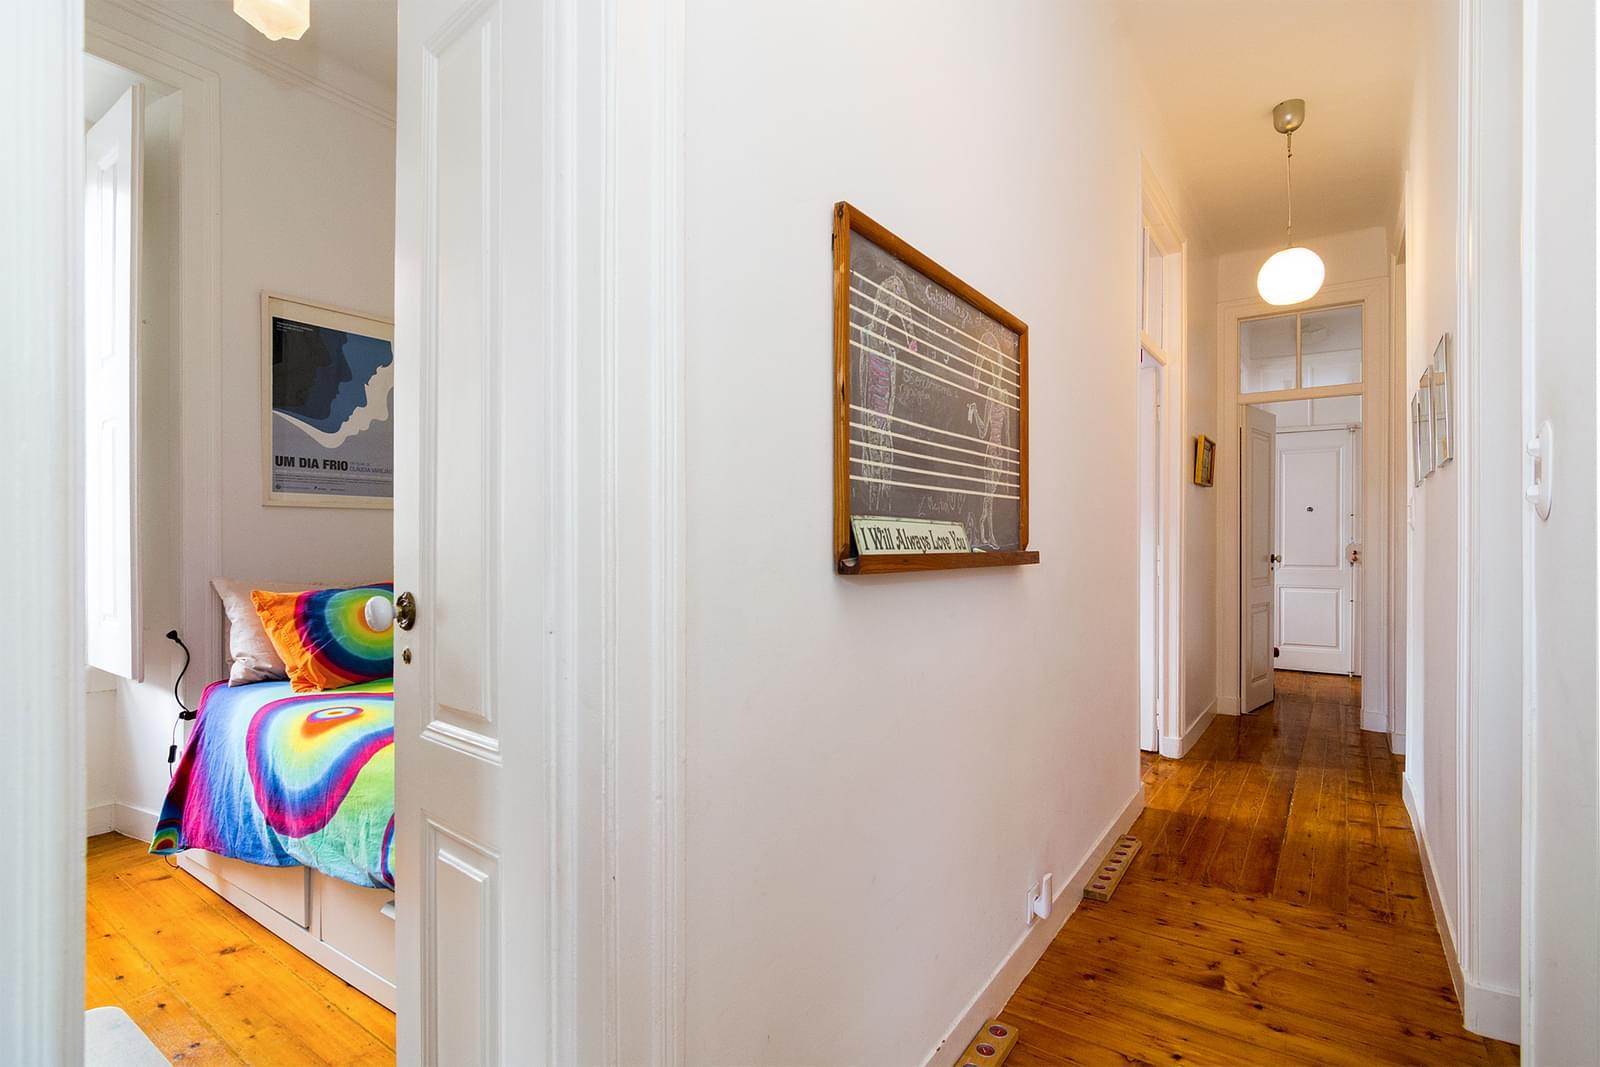 pf17497-apartamento-t3-lisboa-80827470-ed3f-4981-8eff-559a2b5e0400